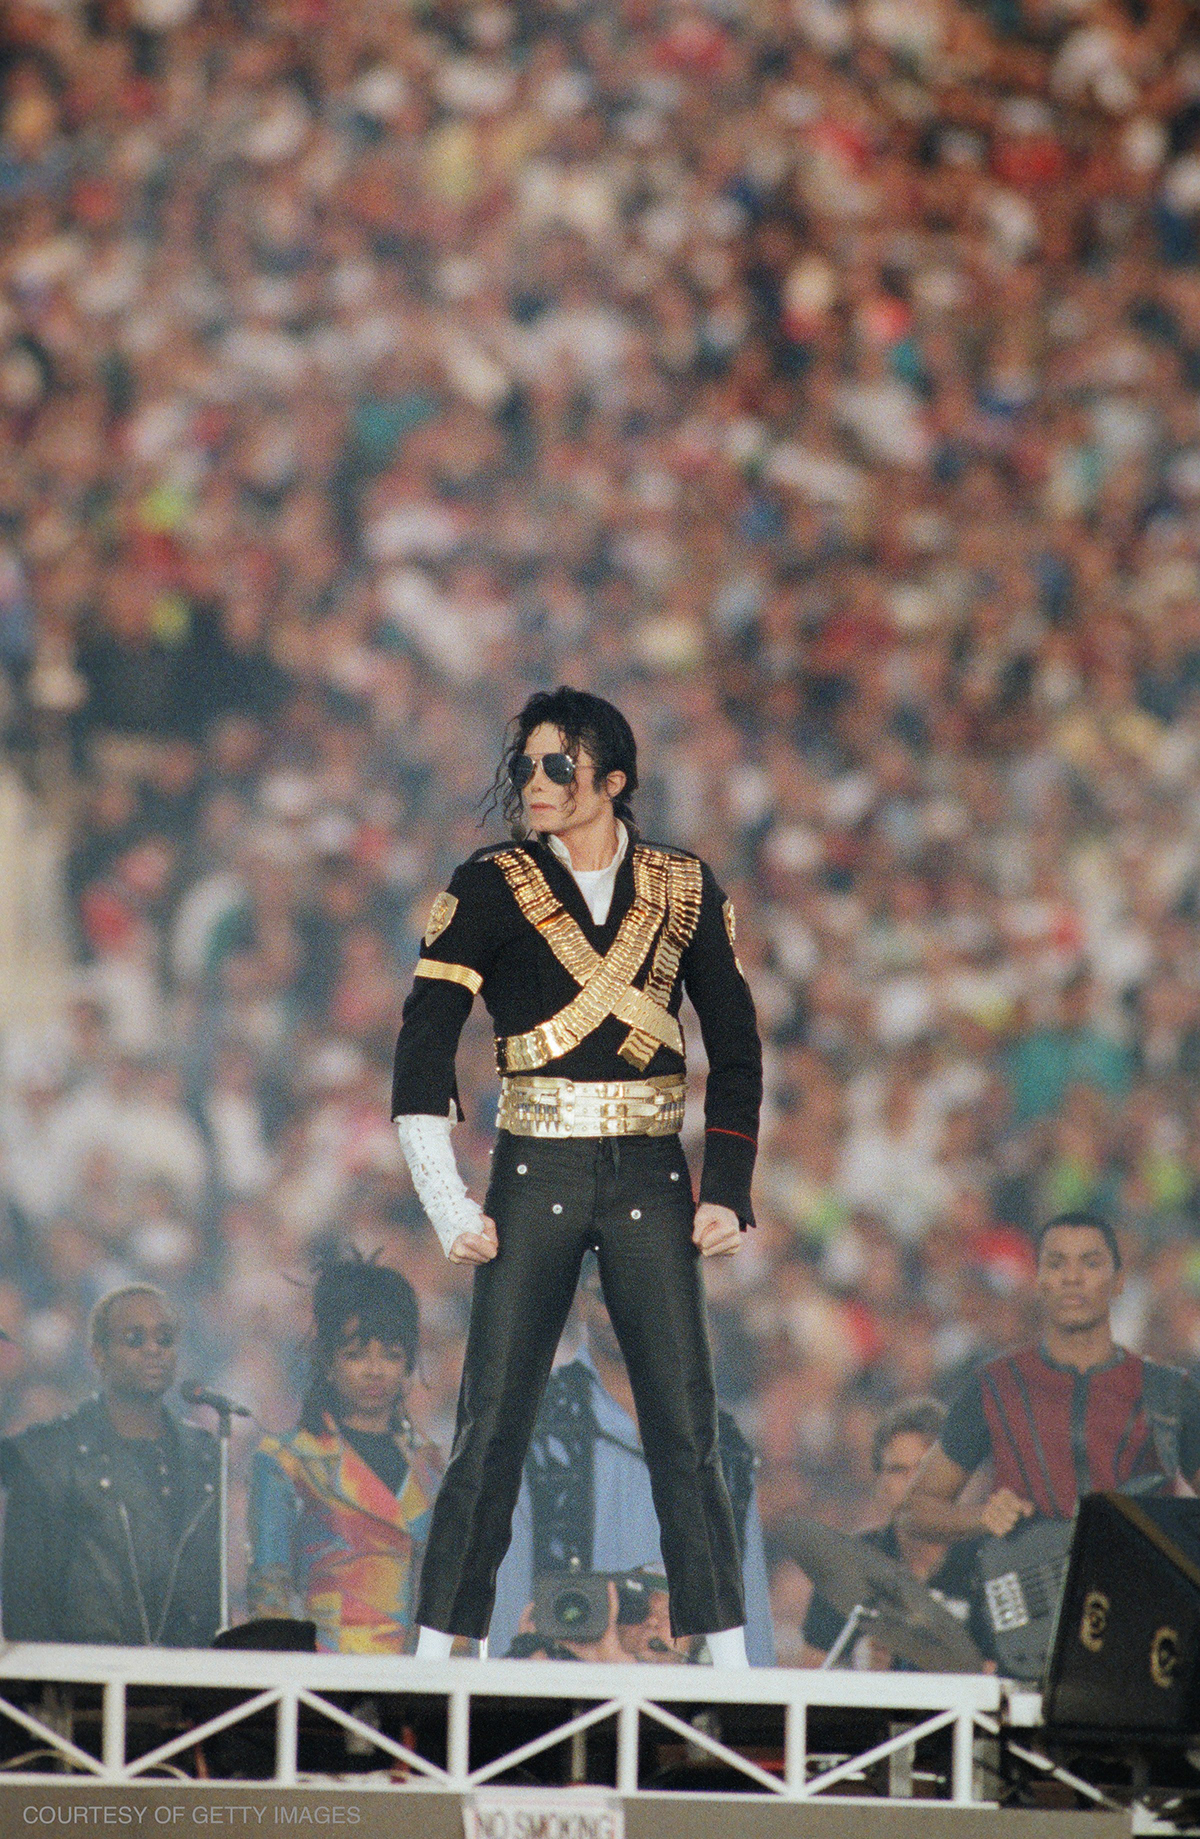 Michael Jackson's Stage Moves Were A Tour de Force